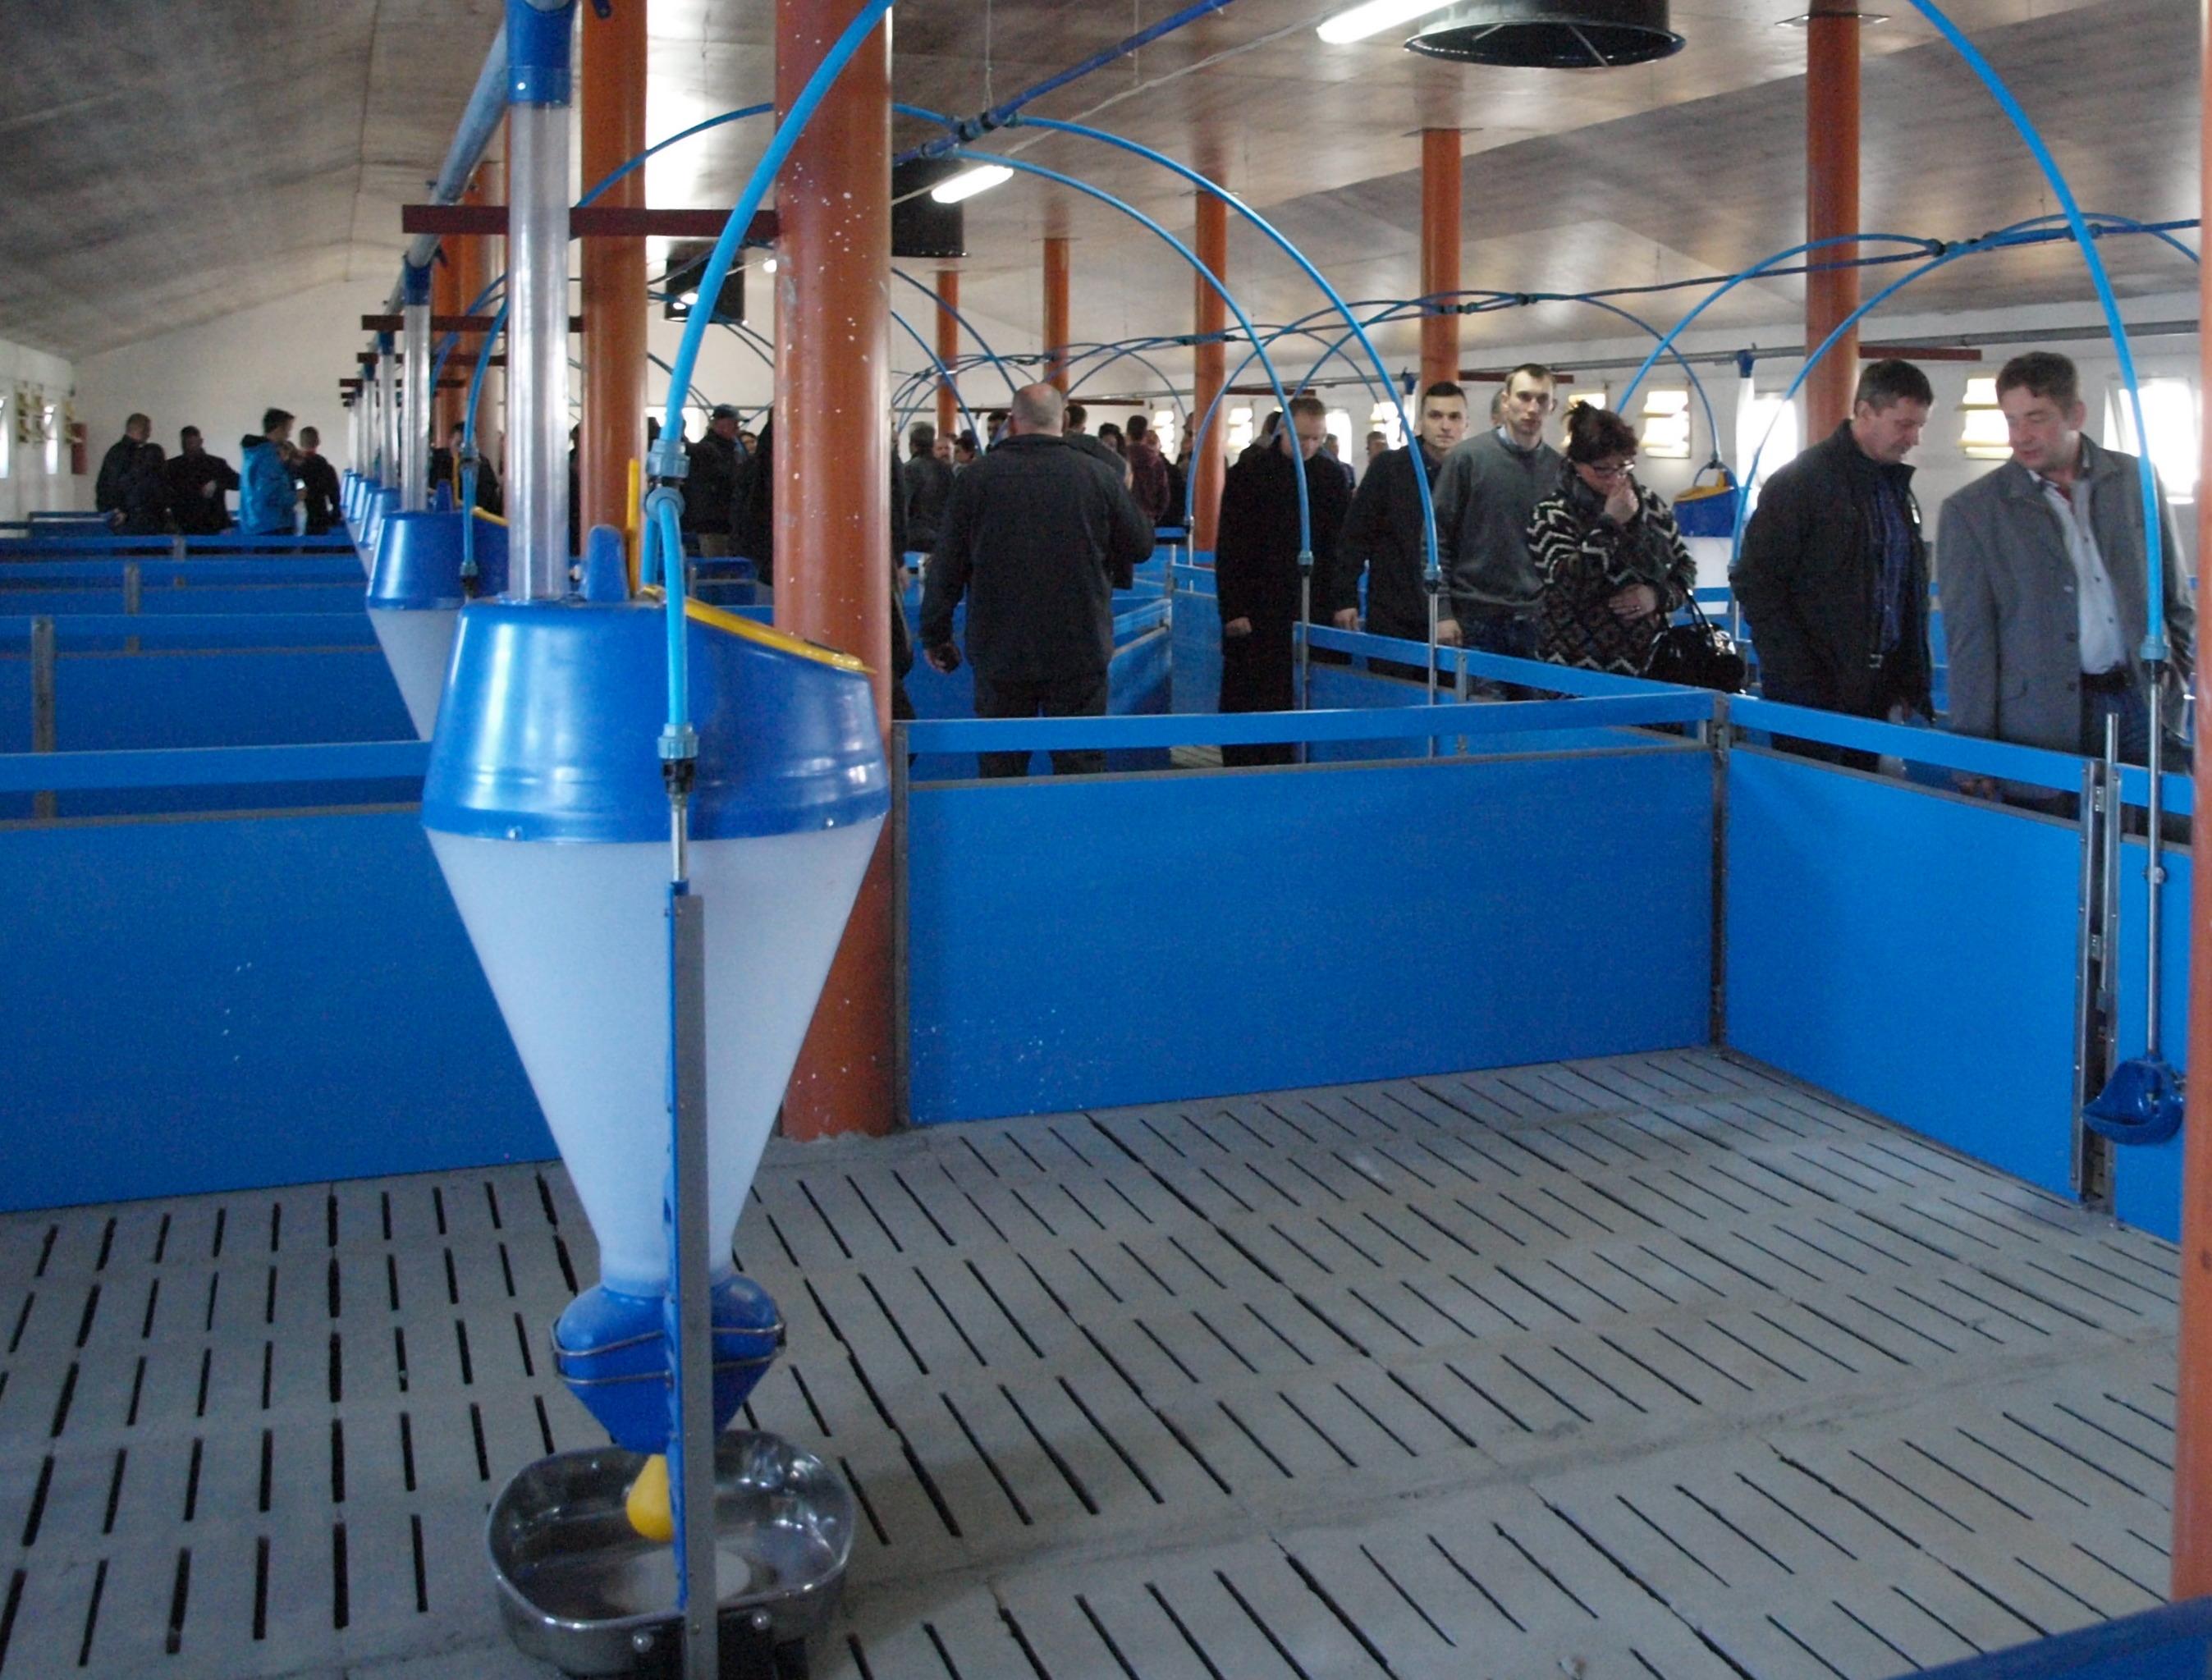 Ogromnie Otwarcie chlewni w gminie Lutocin - nowy obiekt na 1 500 tuczników RG35